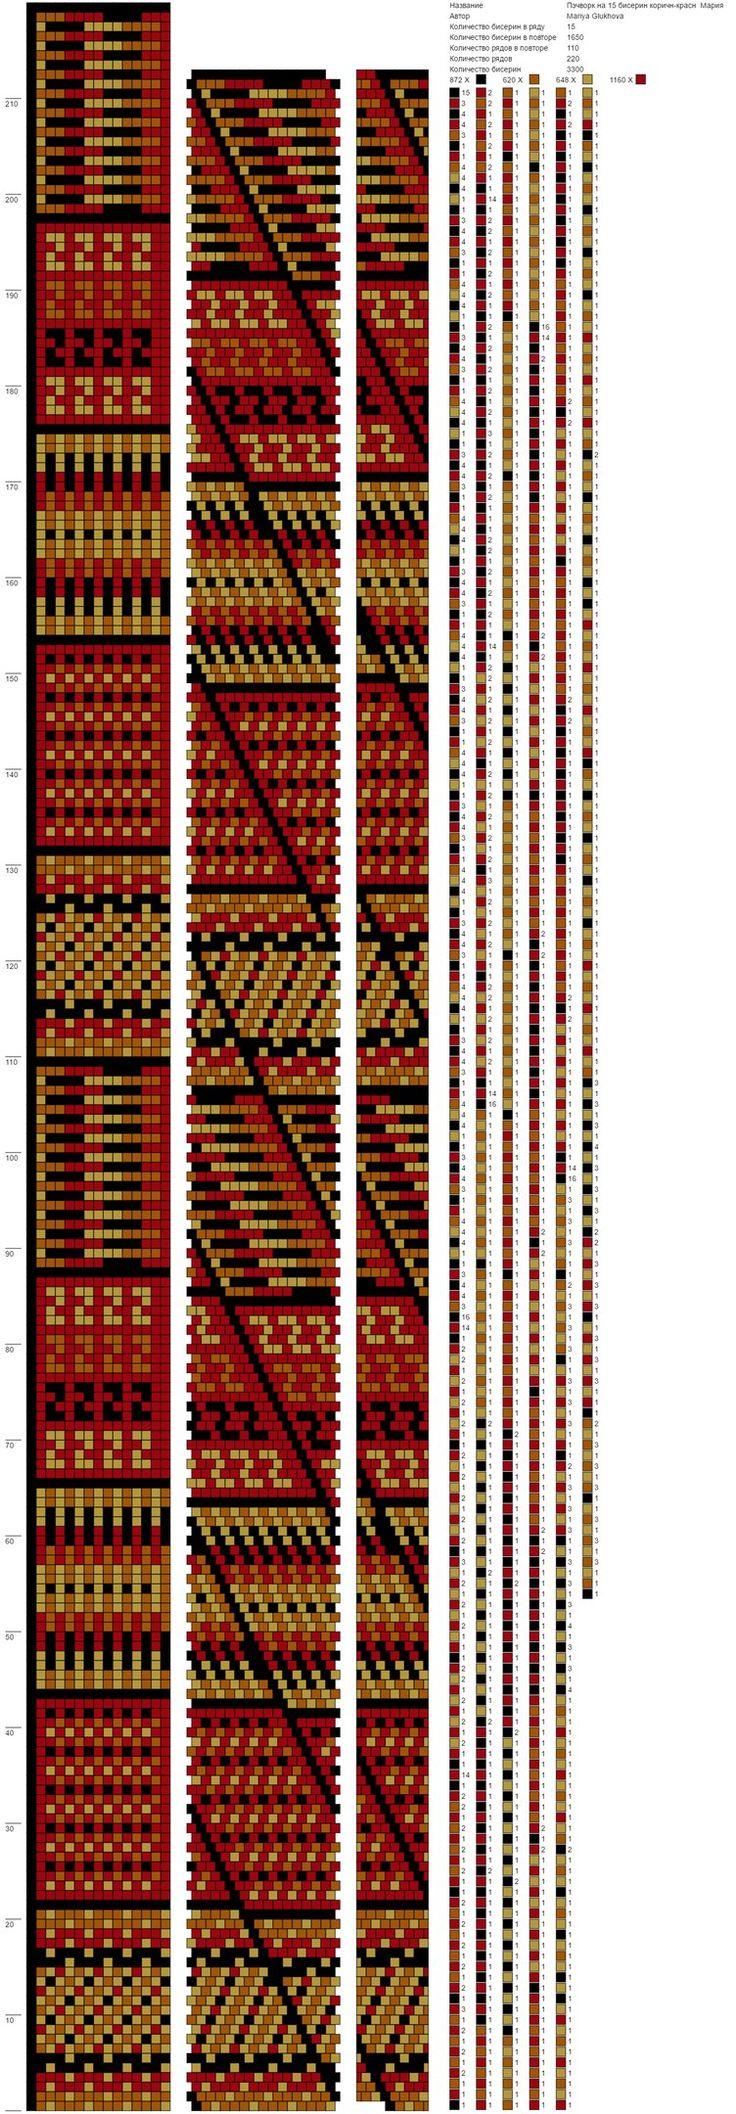 1PNNGFlGbZg.jpg (JPEG-Grafik, 752×2160 Pixel)